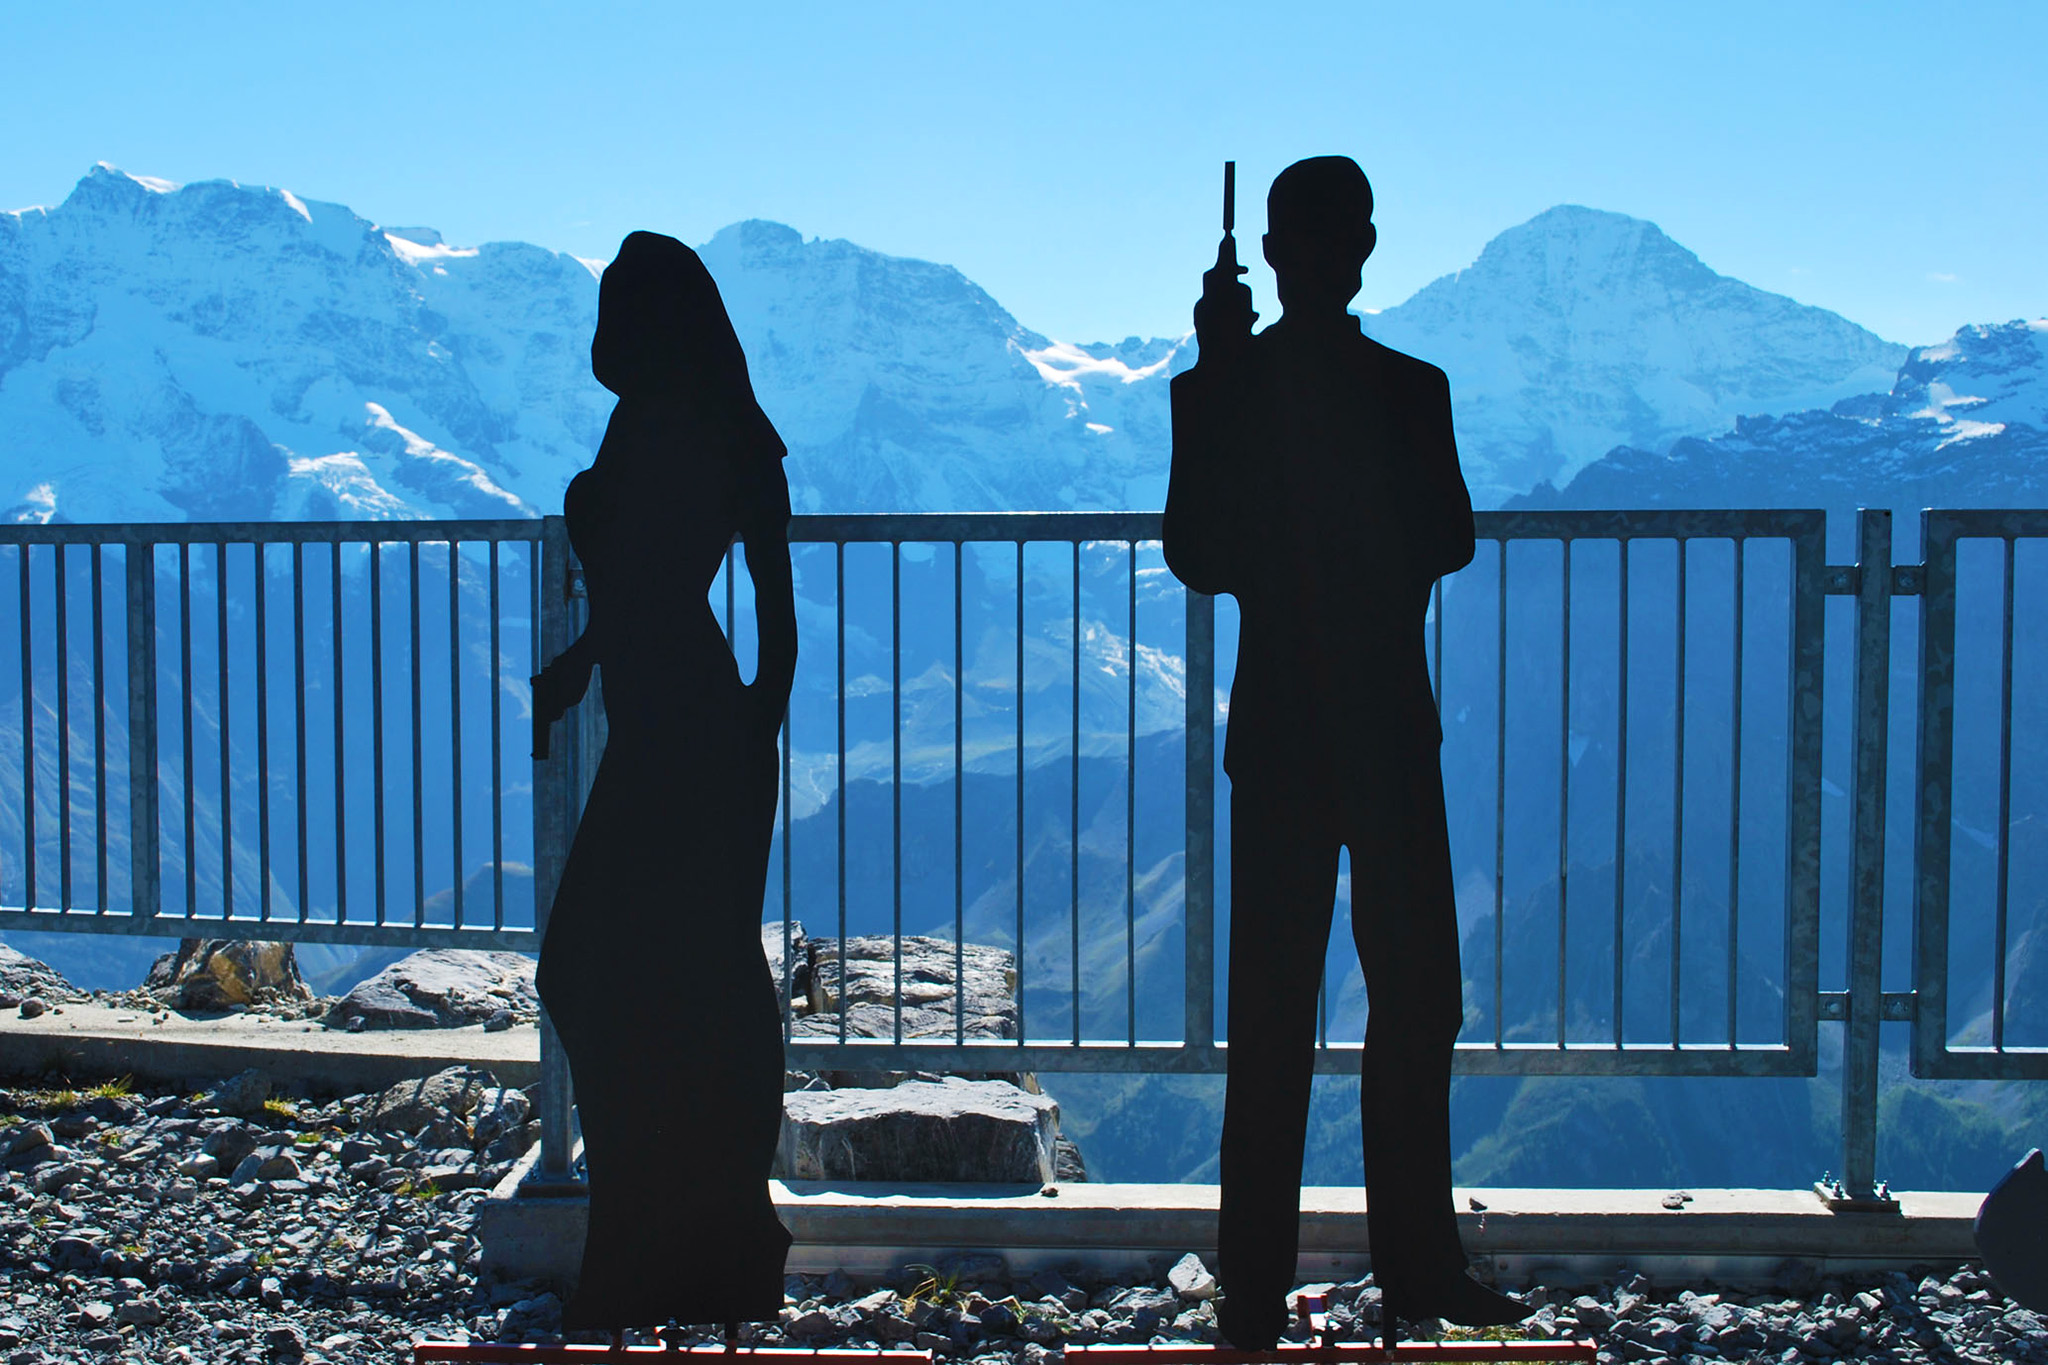 kt_2020_360_Keytours_excursions_Swisstours_interlaken_schilthorn9_2048_10